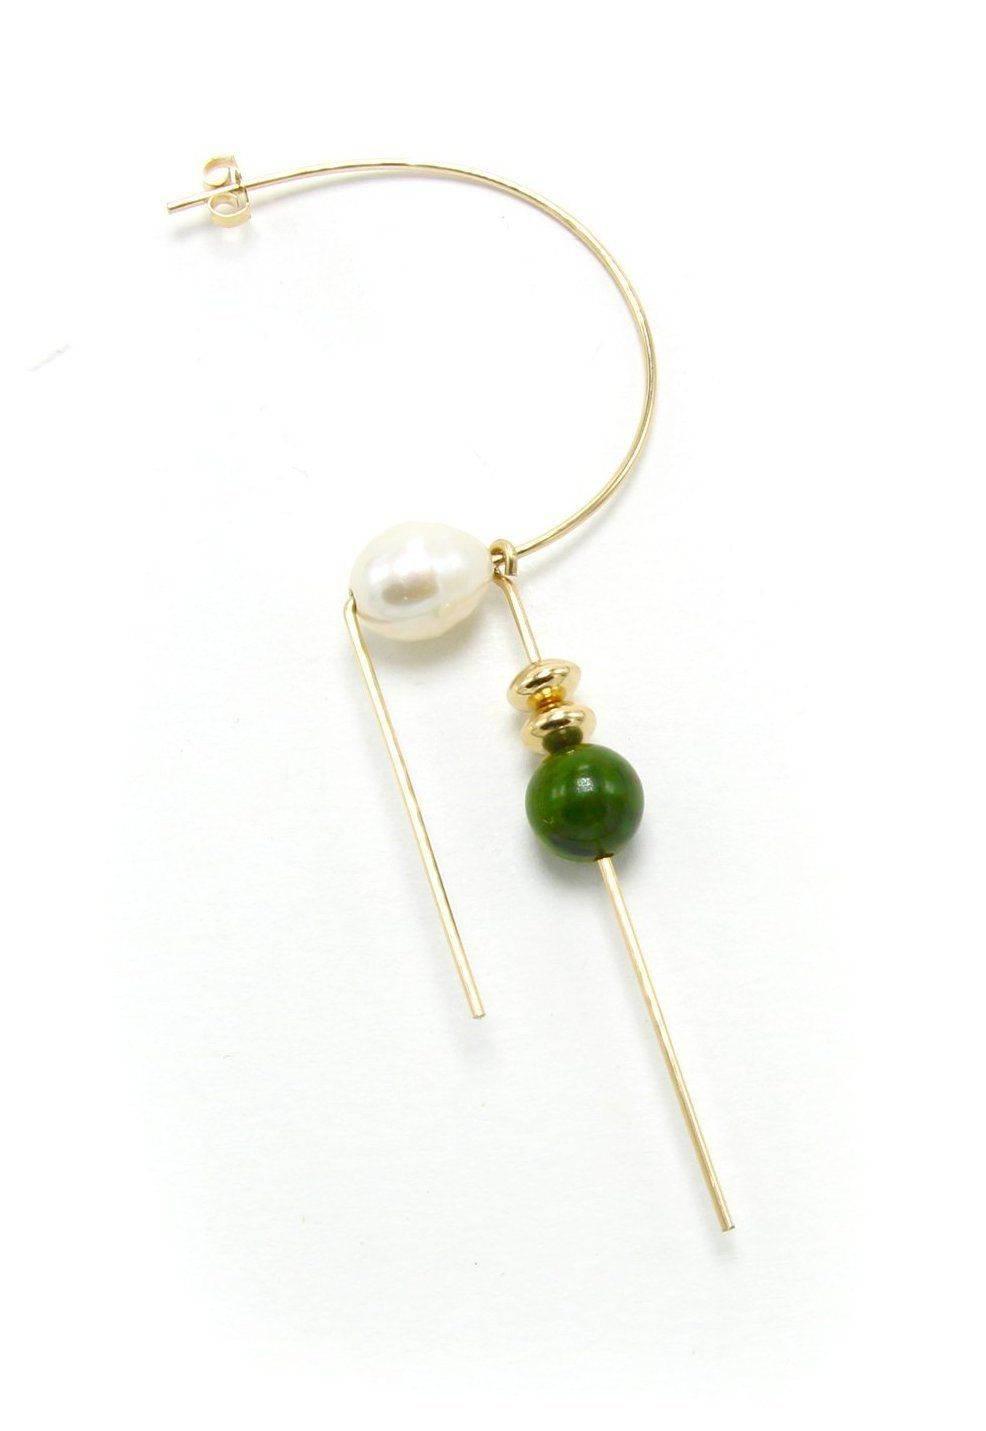 Beaded jewelry-325736985546582654